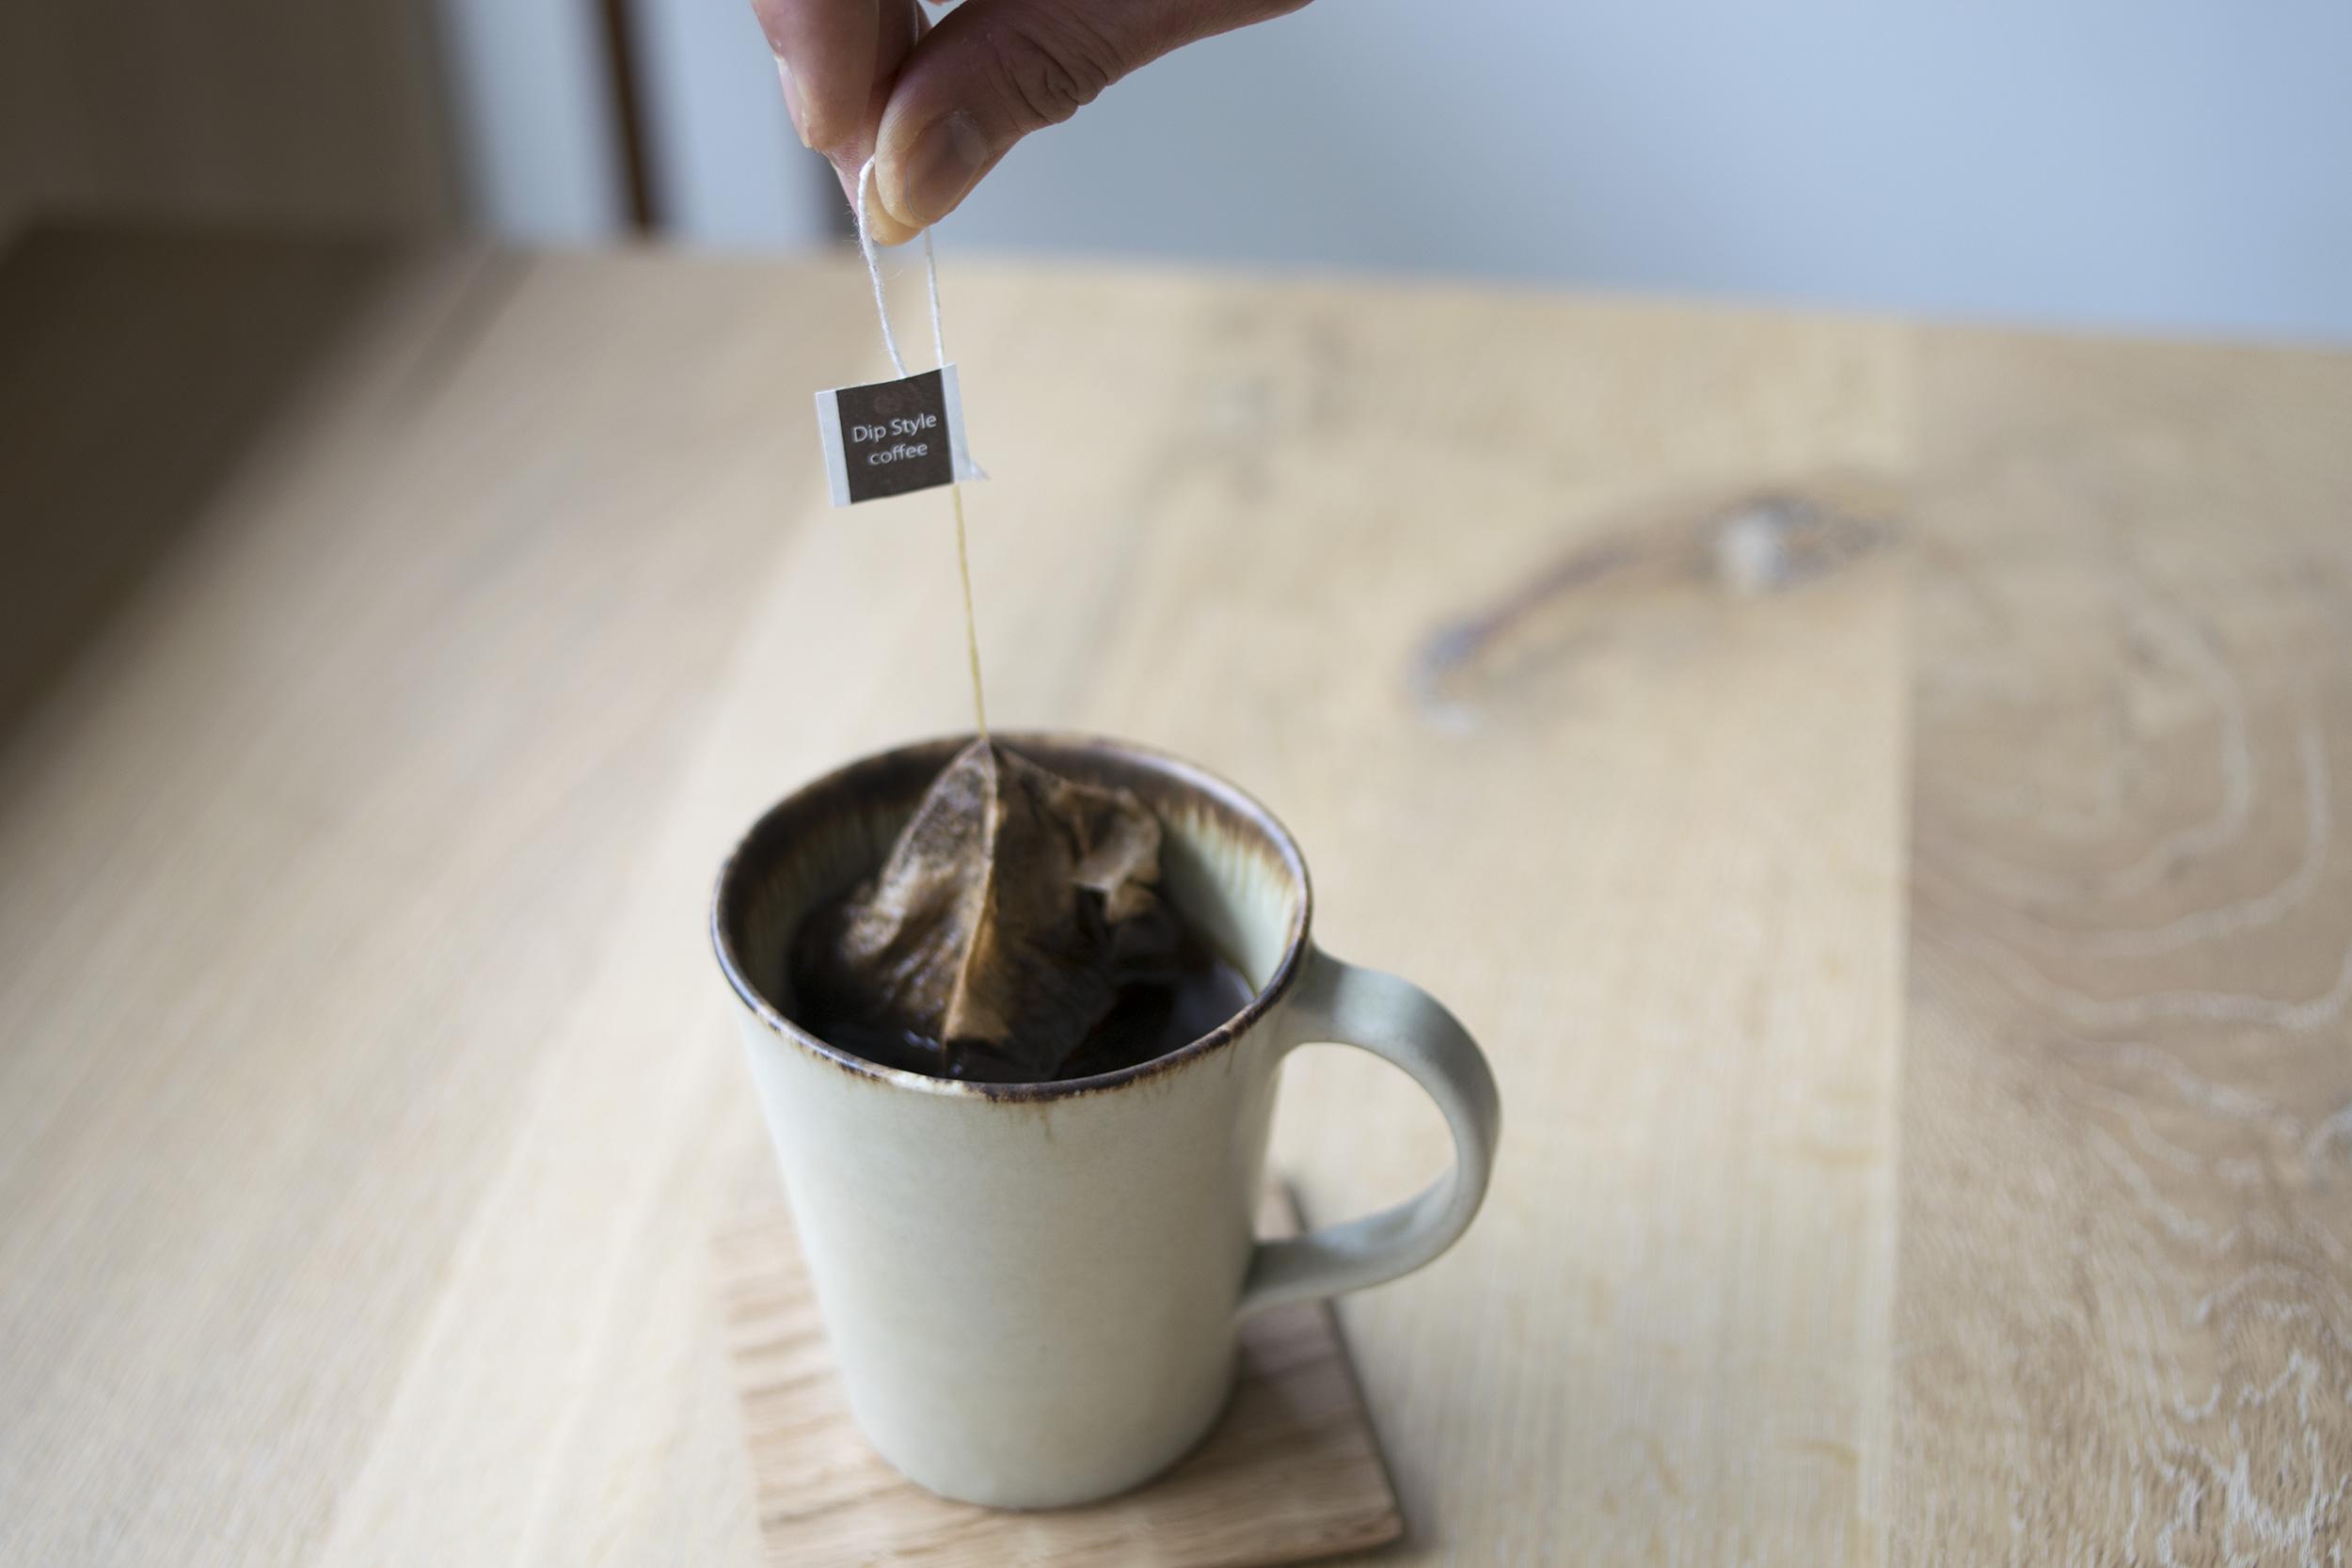 ダンク式コーヒー